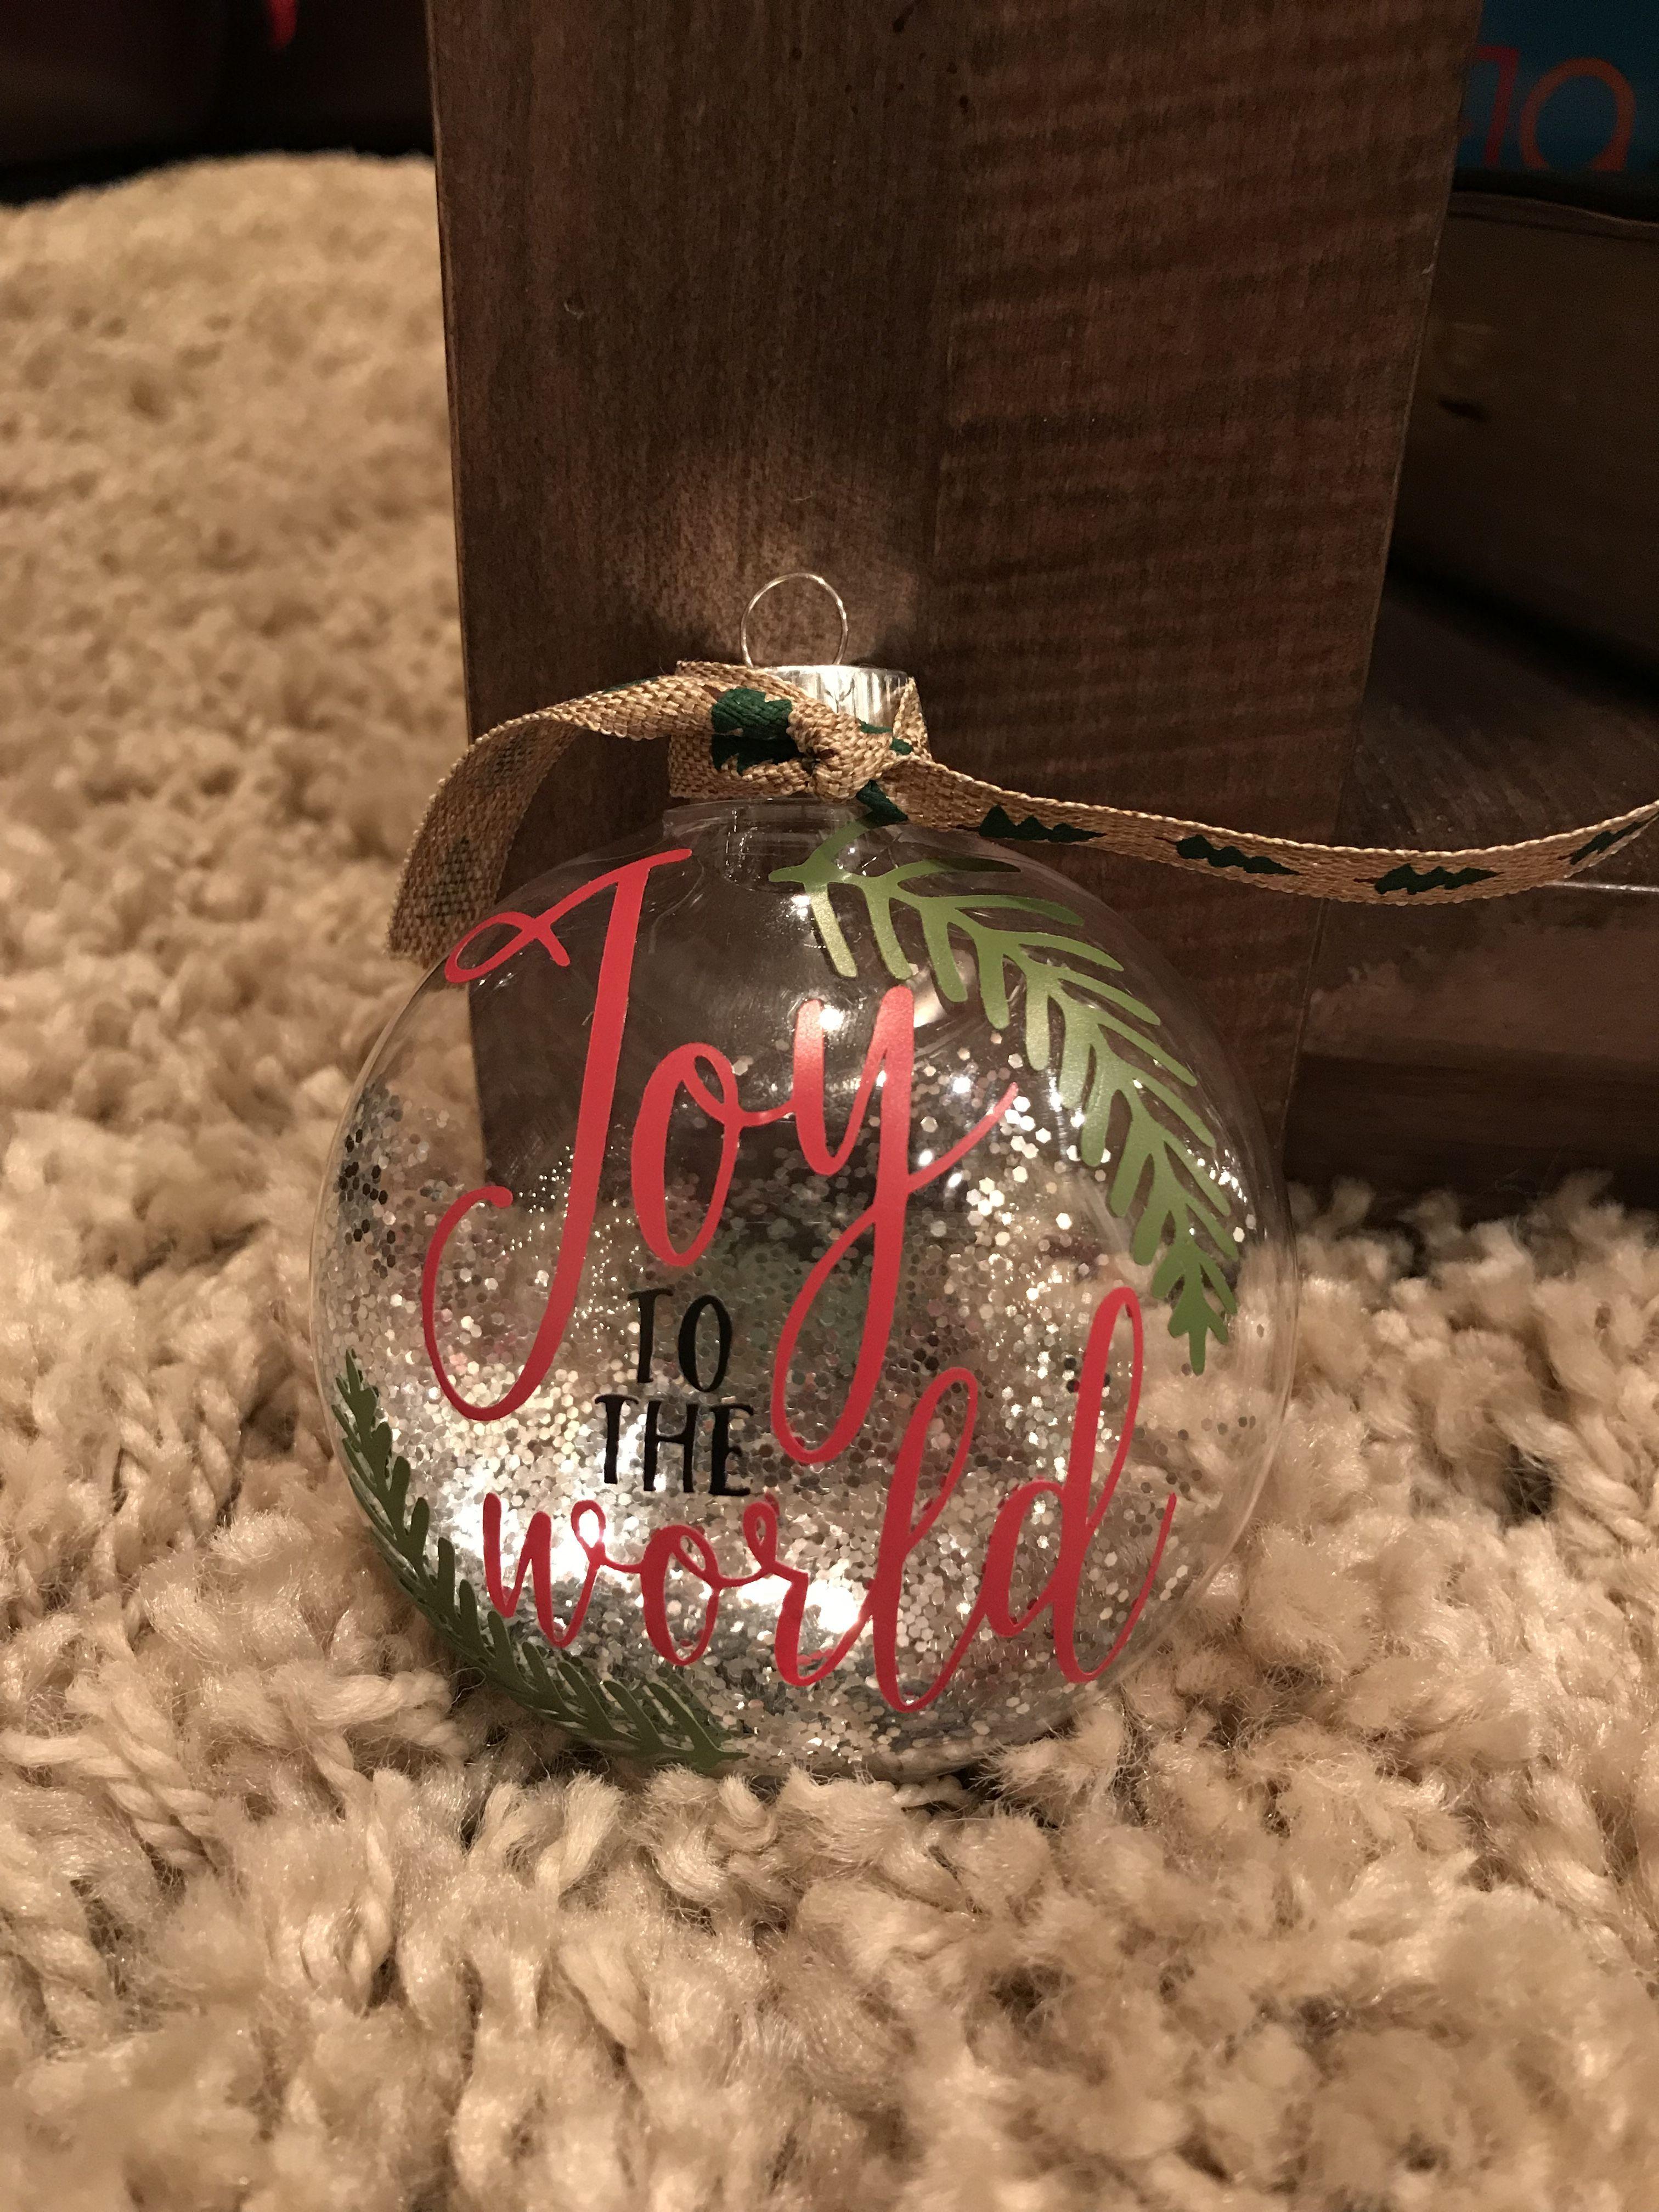 Joy To The World Christmas Ornament Christmas Ornaments Kids Christmas Ornaments Cricut Creations